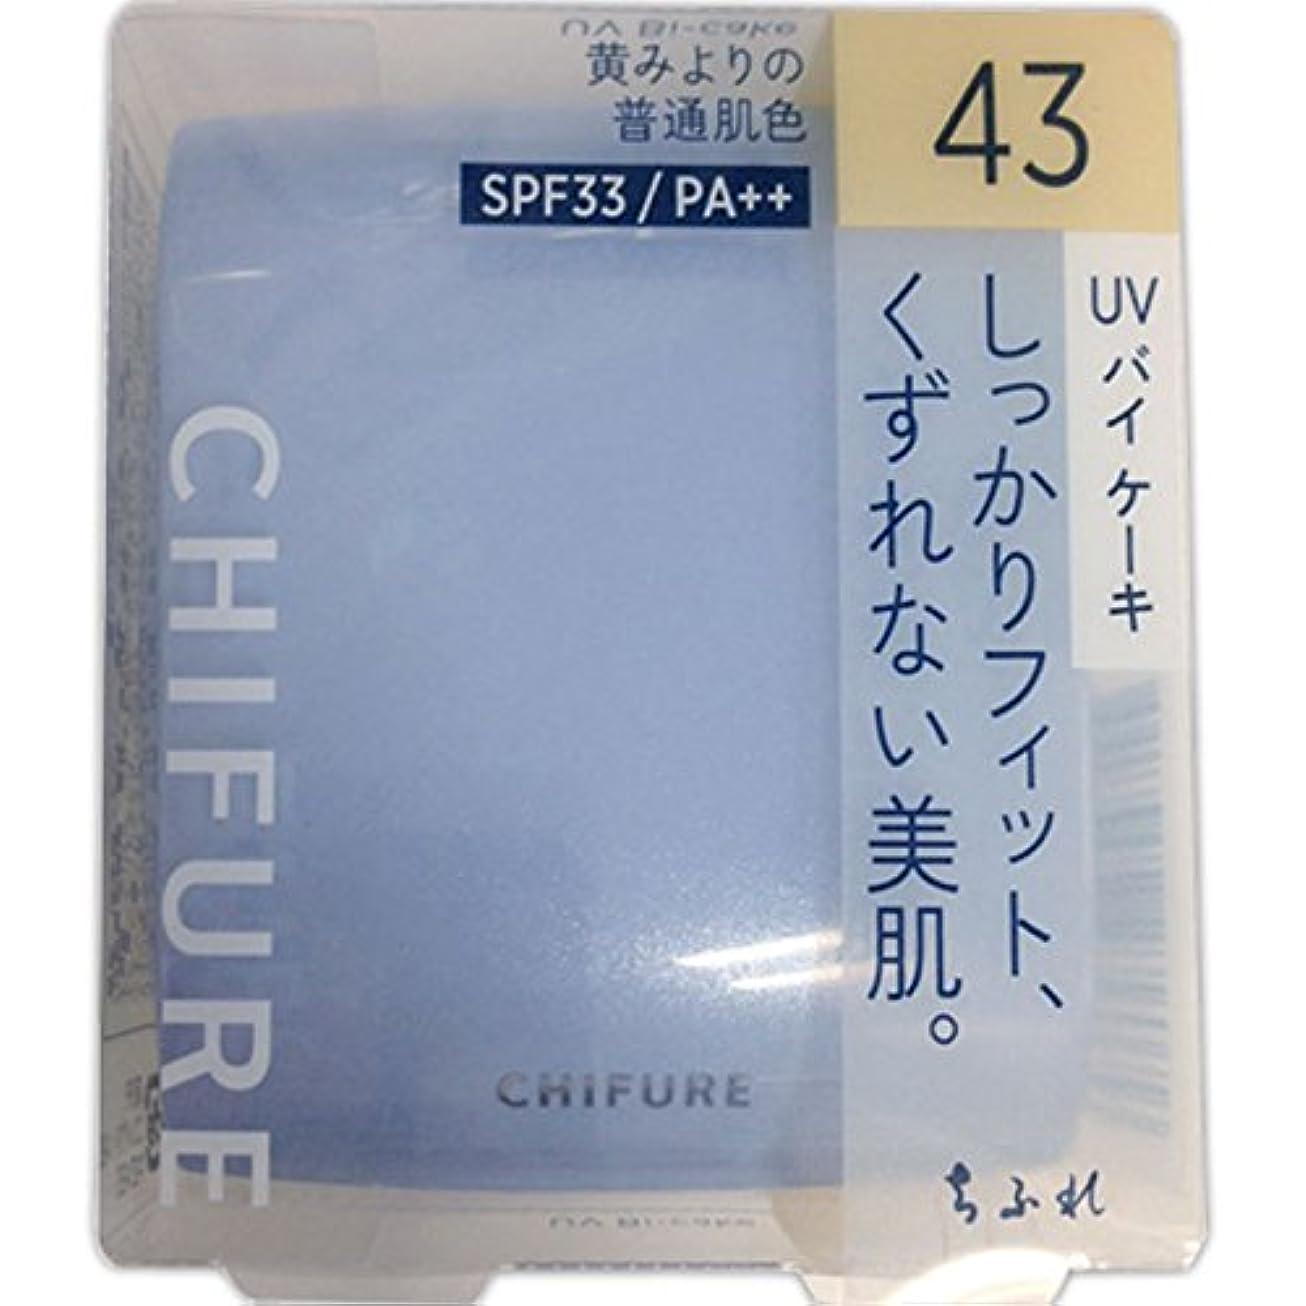 会社すき窒息させるちふれ化粧品 UV バイ ケーキ(スポンジ入り) 43 黄みよりの普通肌色 43